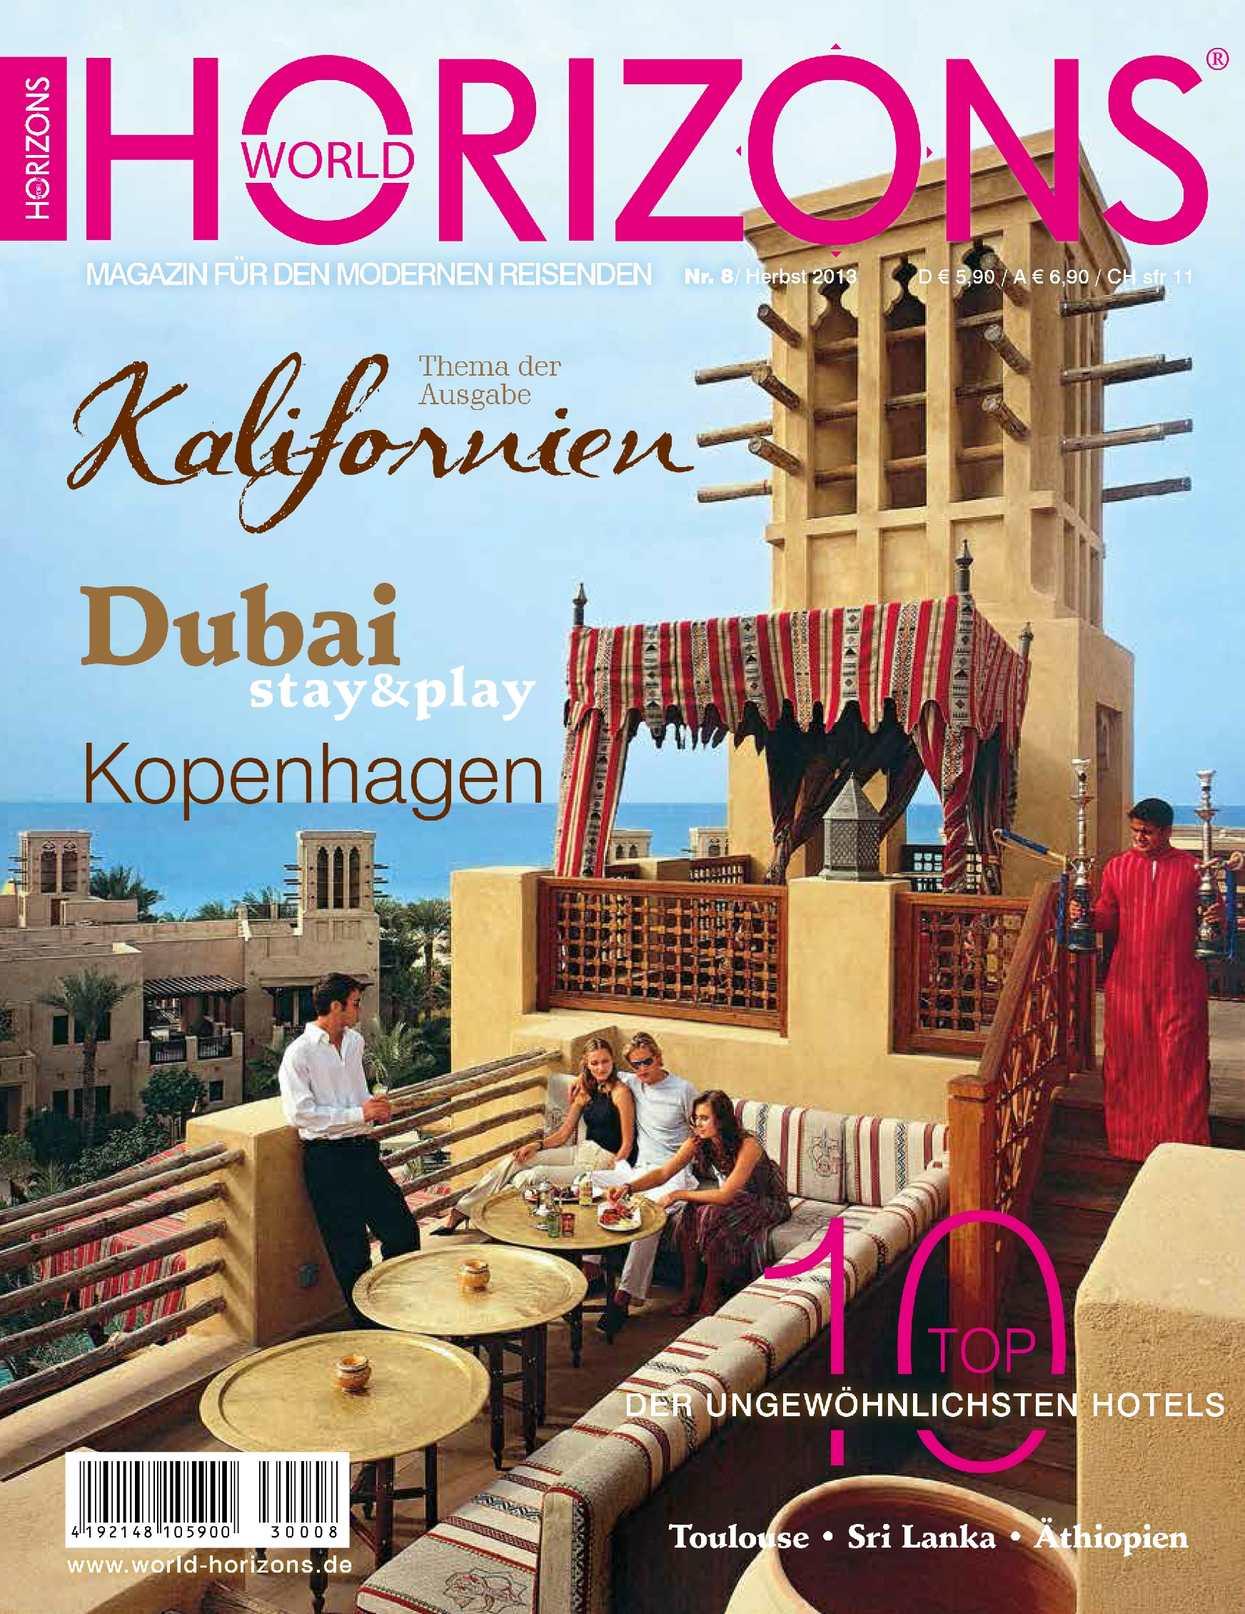 World Horizons Nummer 8